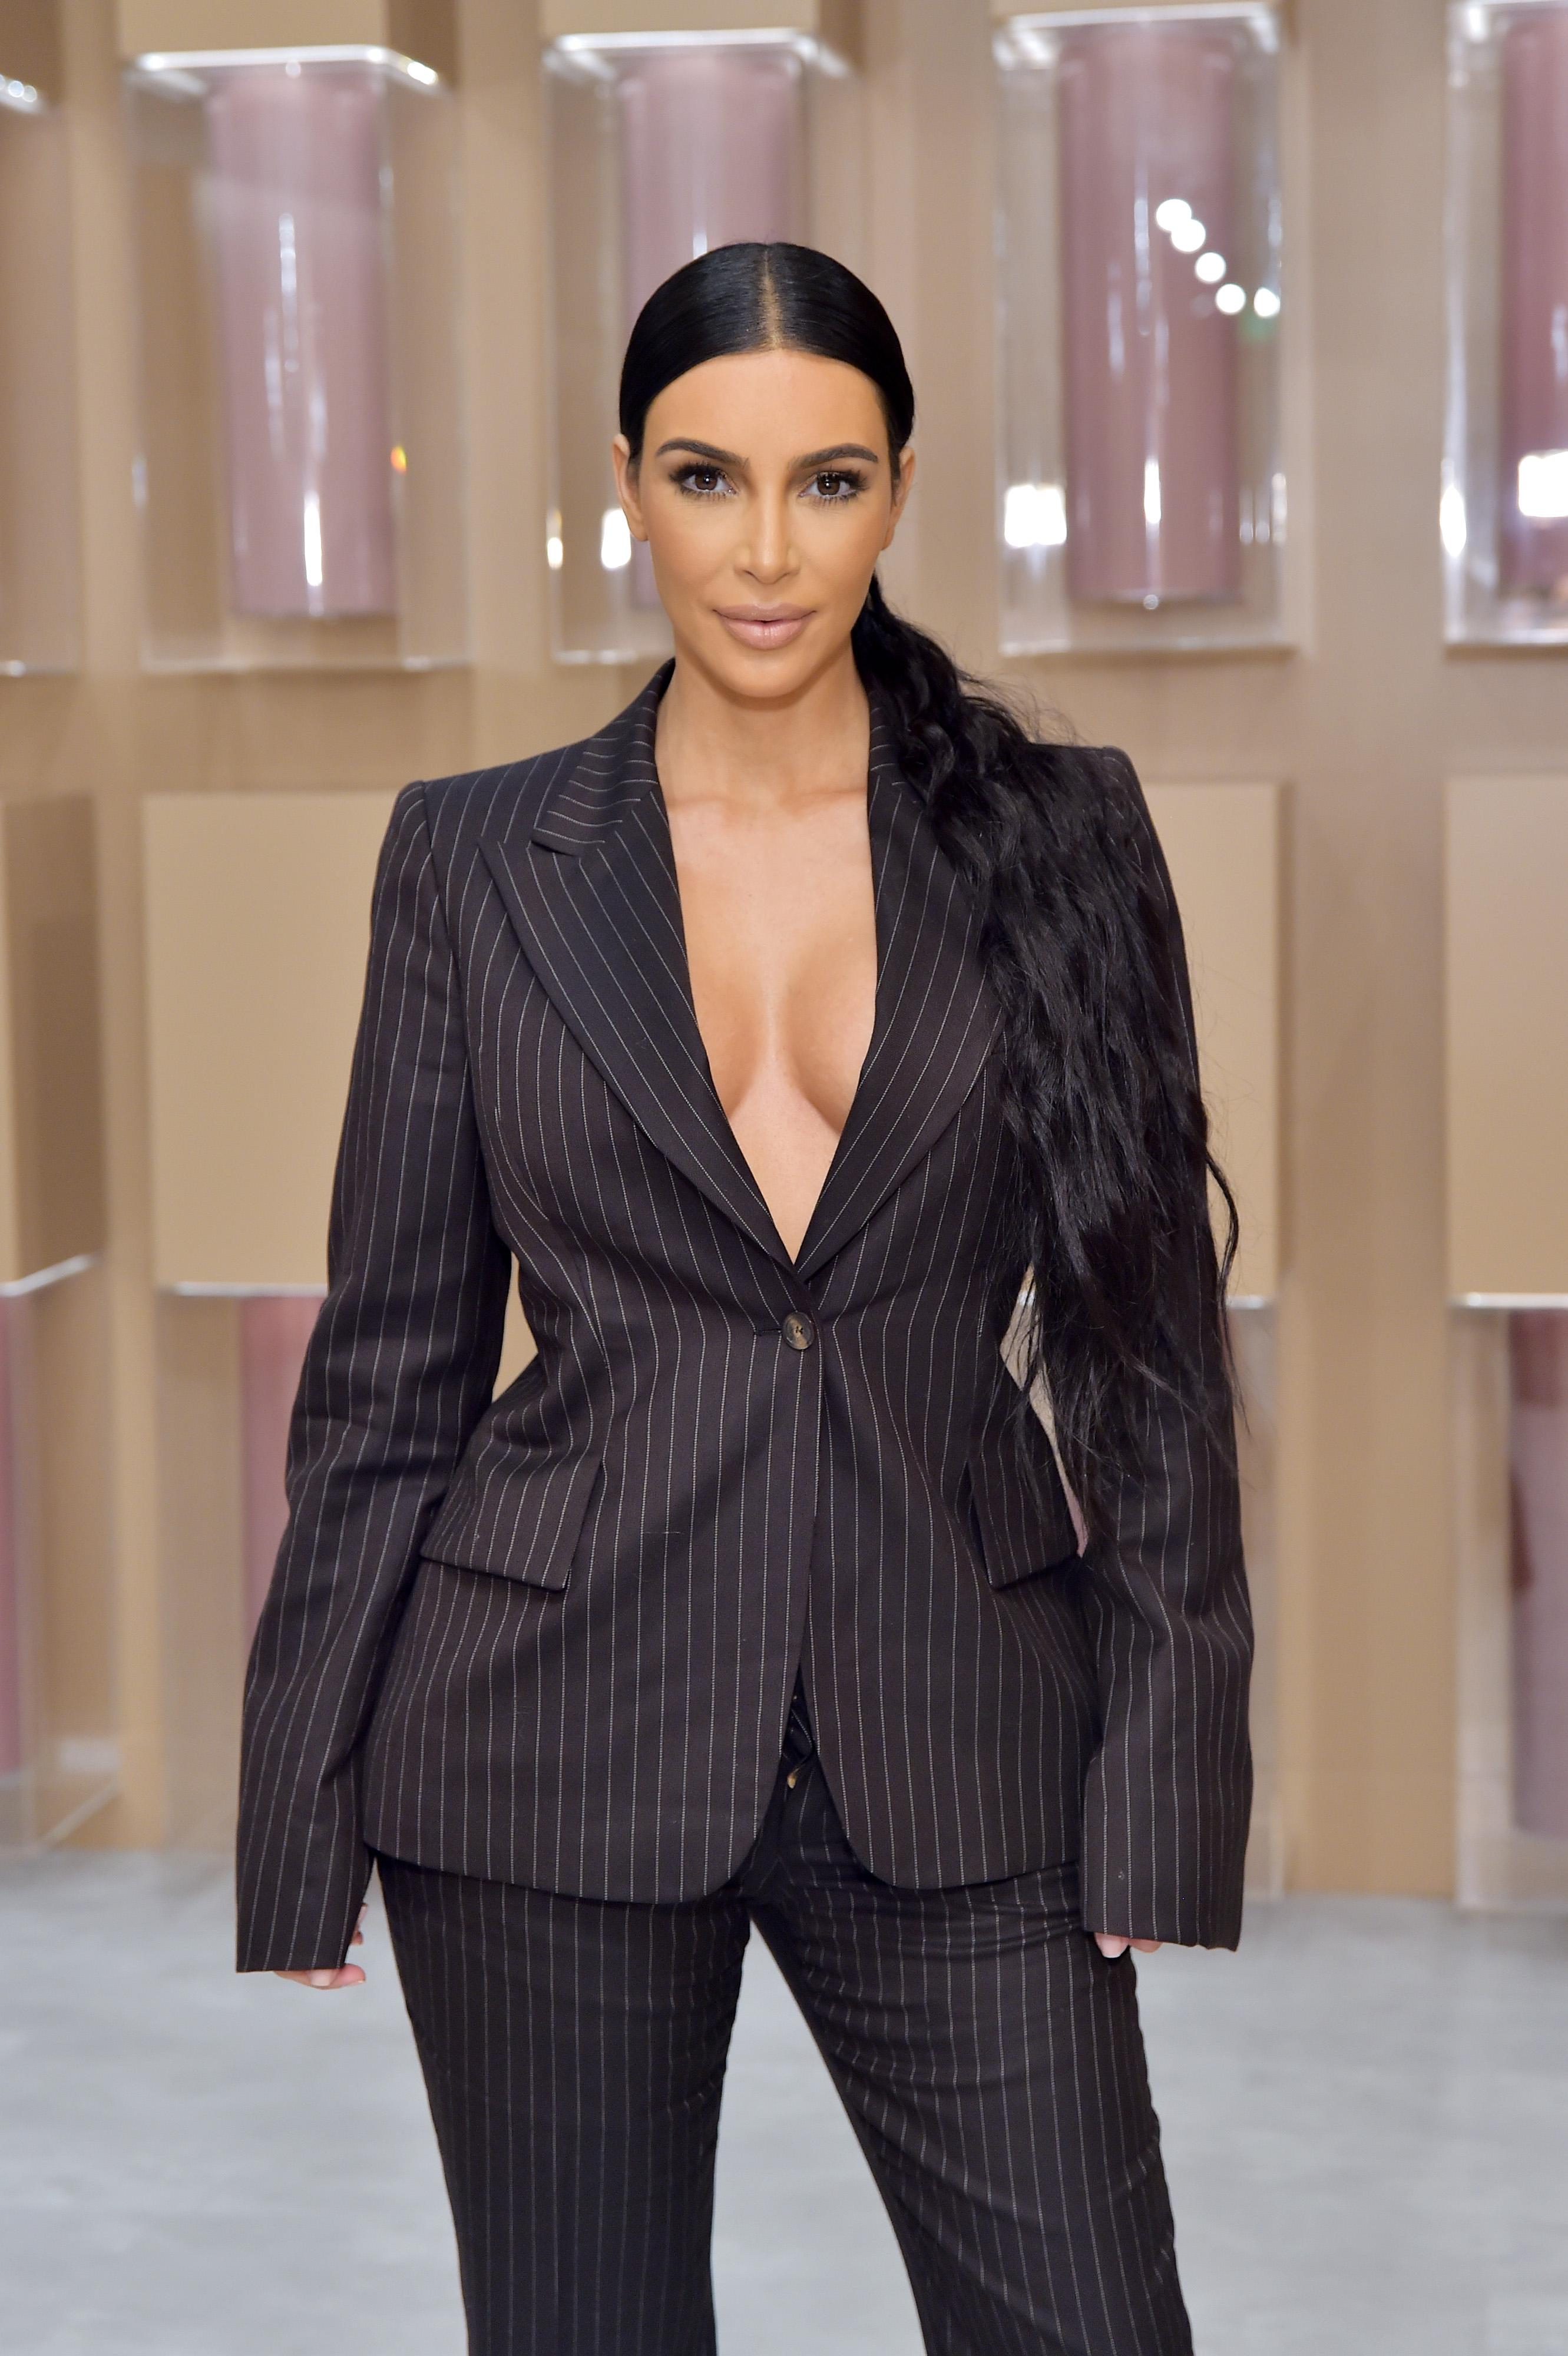 Το μανικιούρ της Kim Kardashian θα σε κάνει να νιώσεις μεγάλη νοσταλγία για τα 90's! Μαντεύεις; | tlife.gr